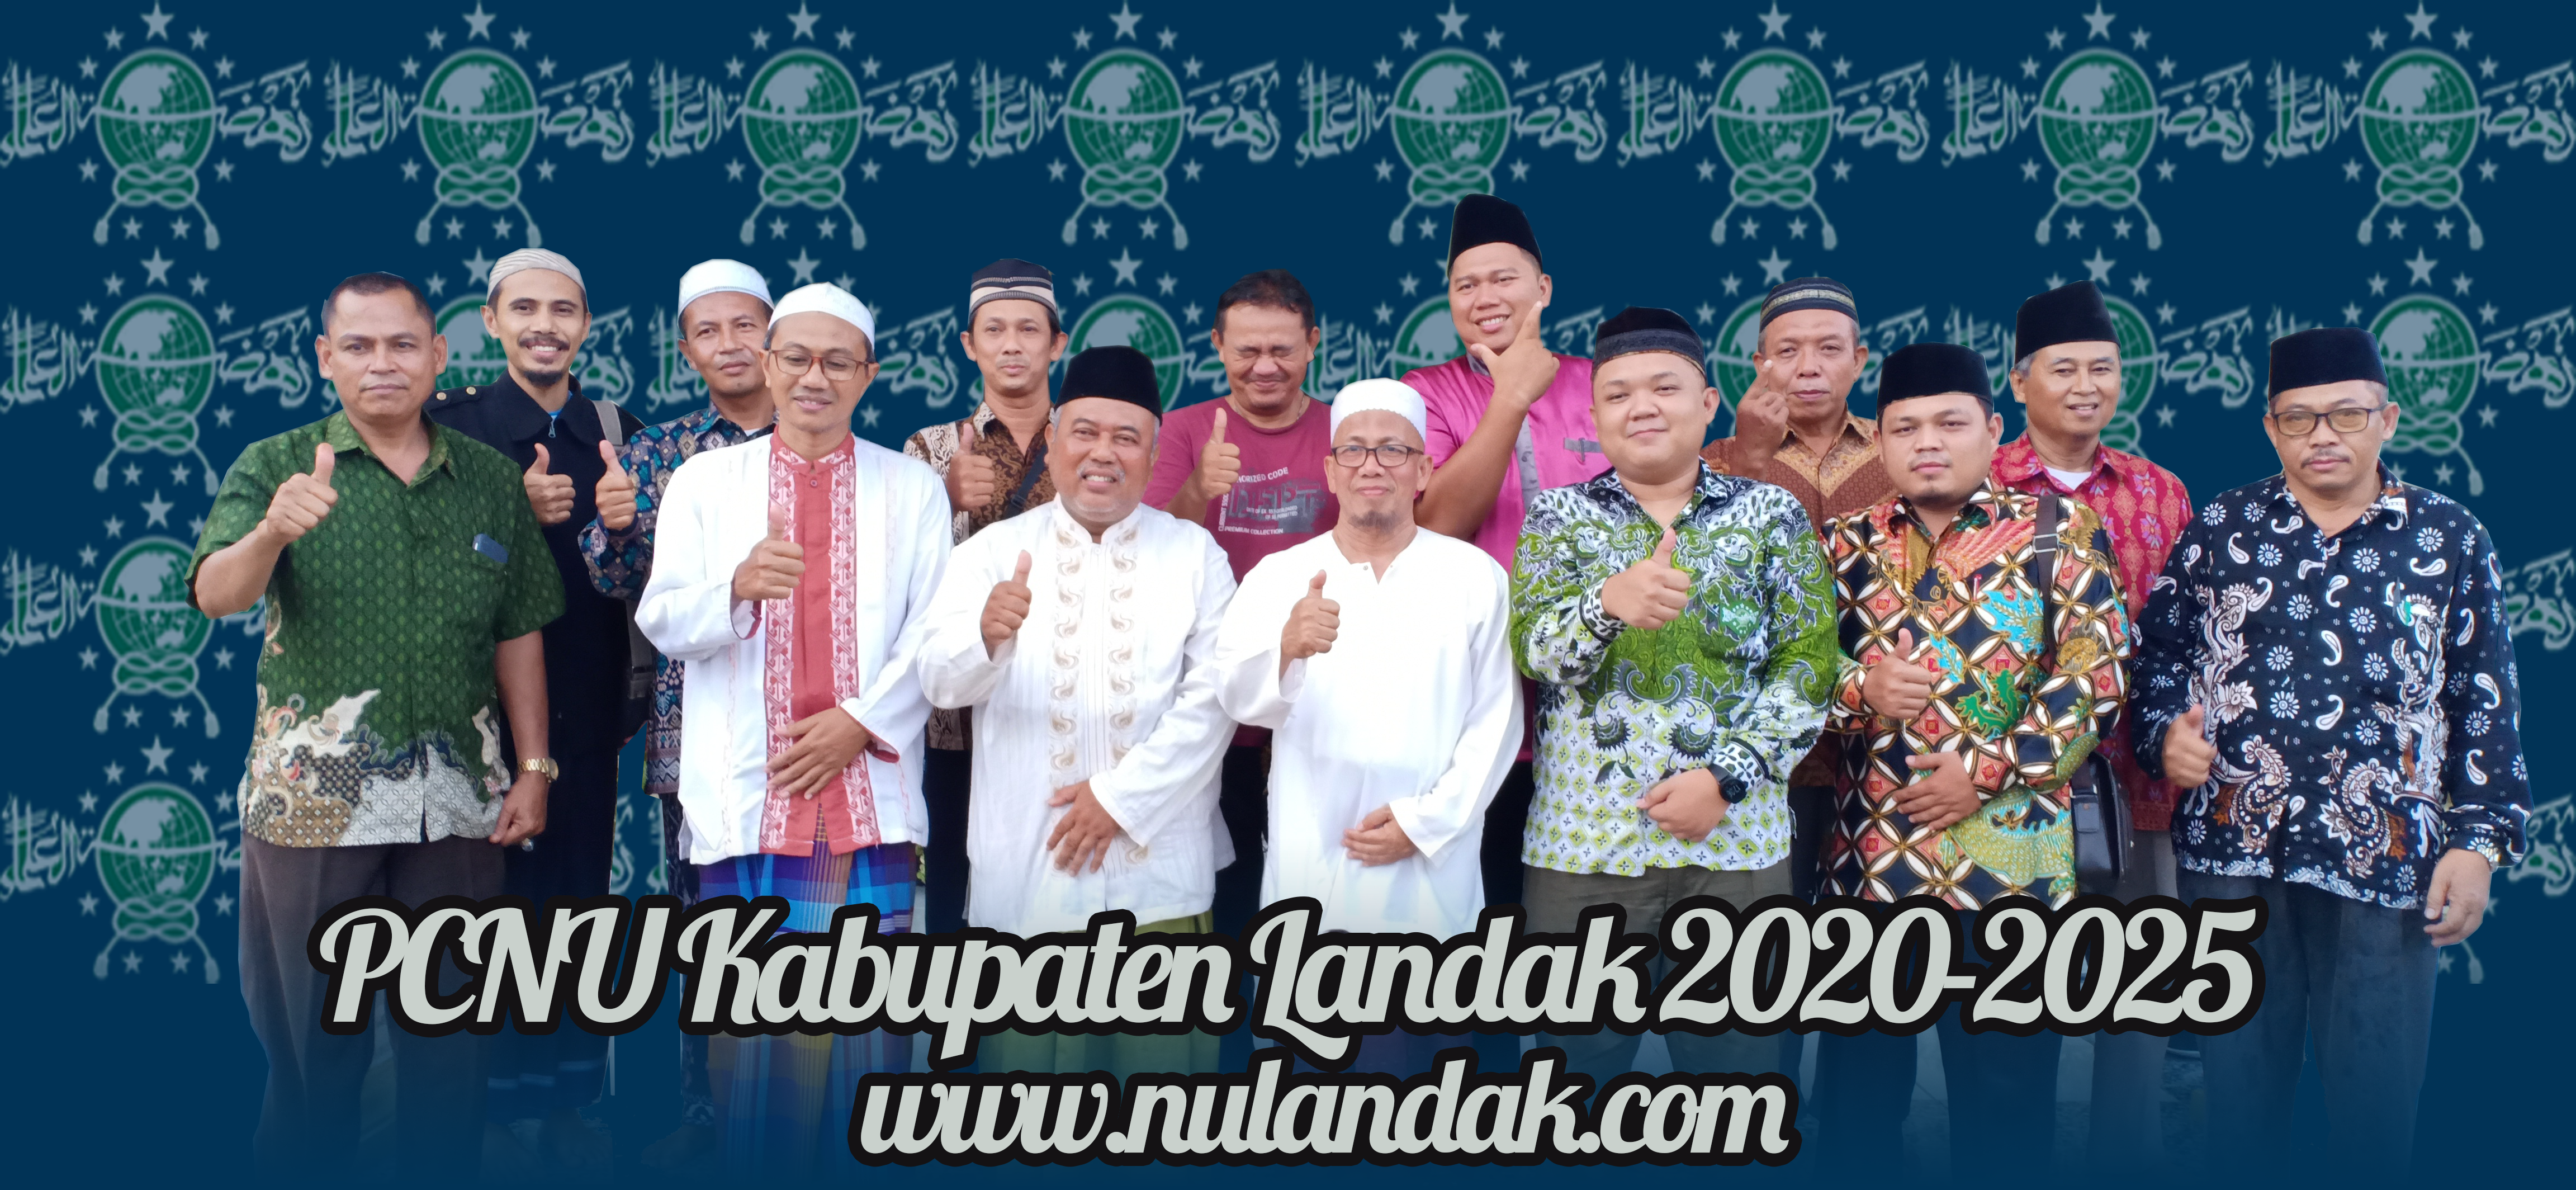 PENGURUS NU LANDAK 2020-2025